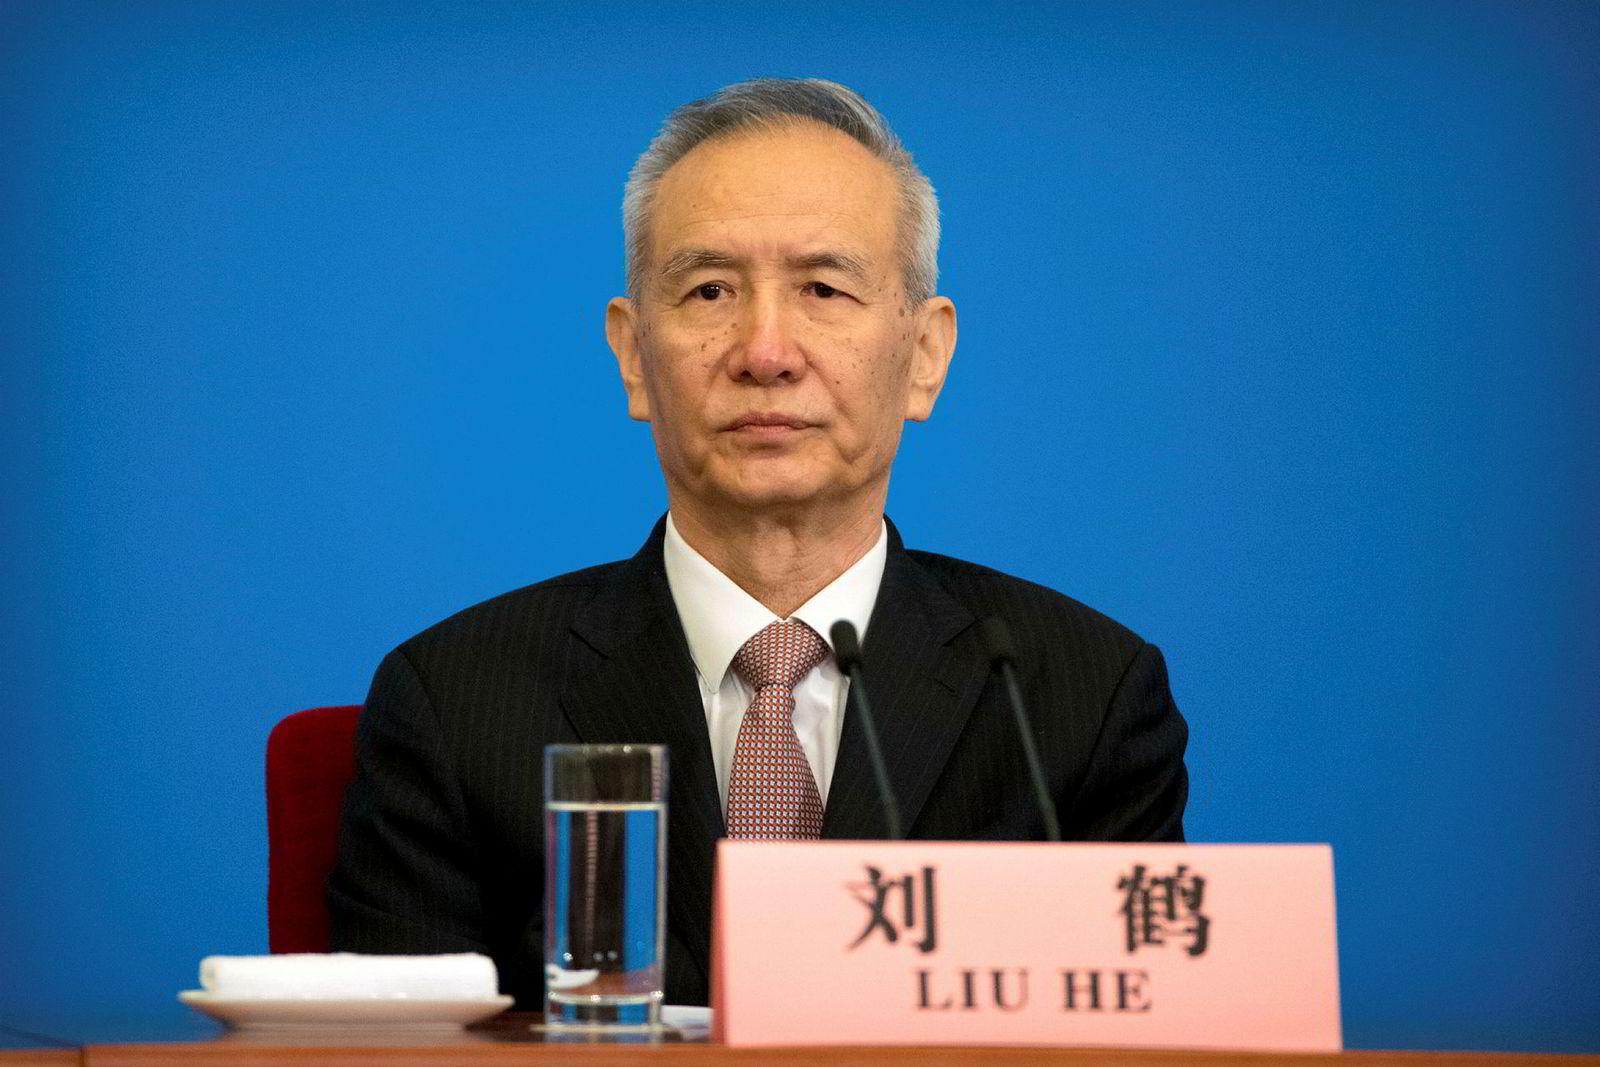 Kinas visestatsminister Liu He leder handelsforhandlingene med USA som begynner denne uken.